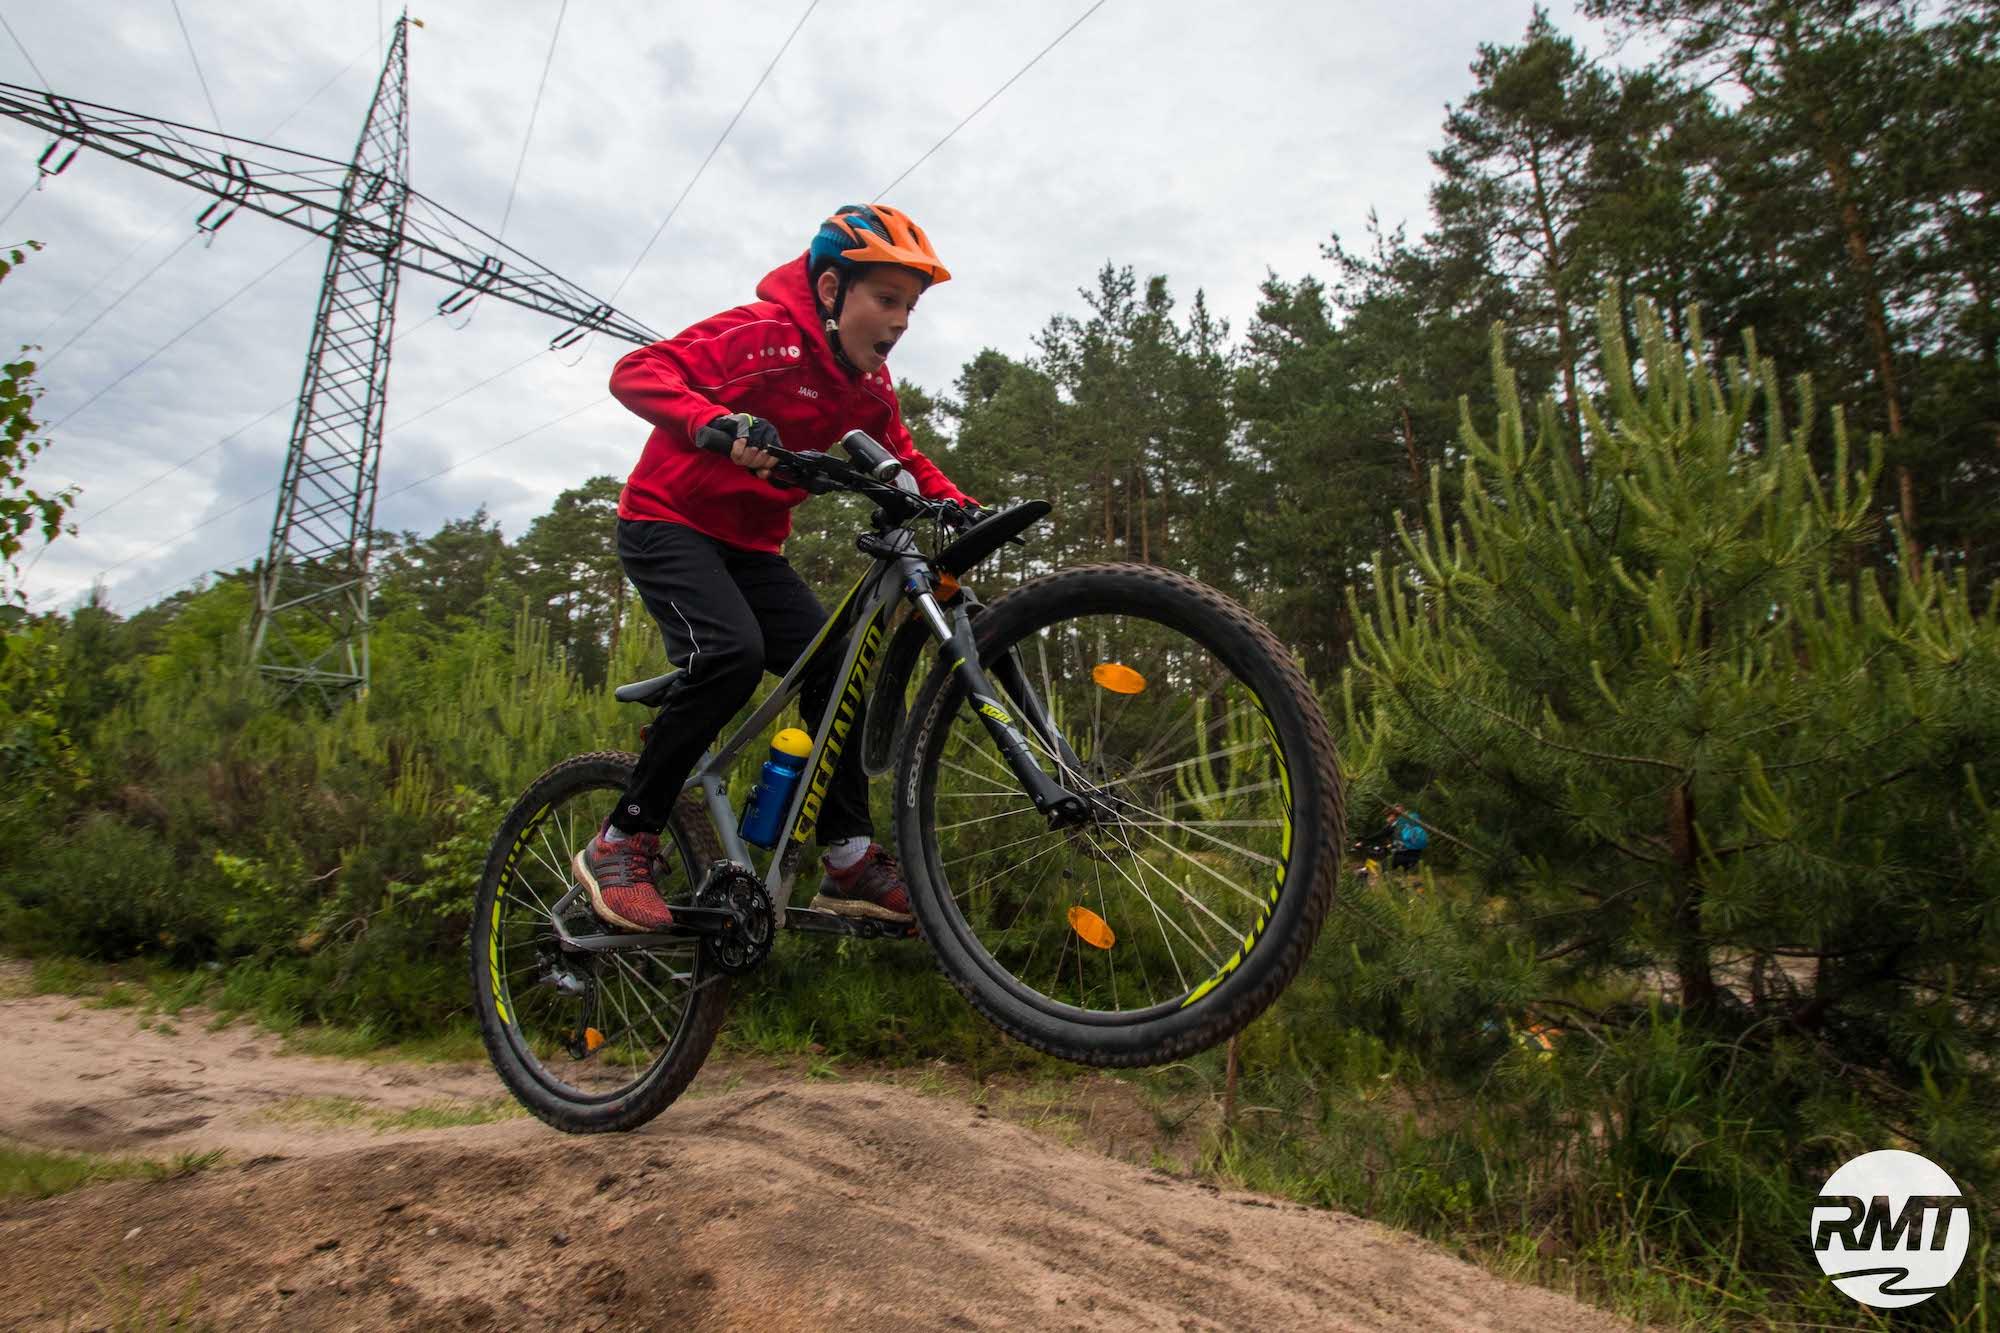 Mountainbike Kinder Kurs in Pforzheim - 8-12 Jahre Kids - Rock my Trail Fahrtechnik Bikeschule